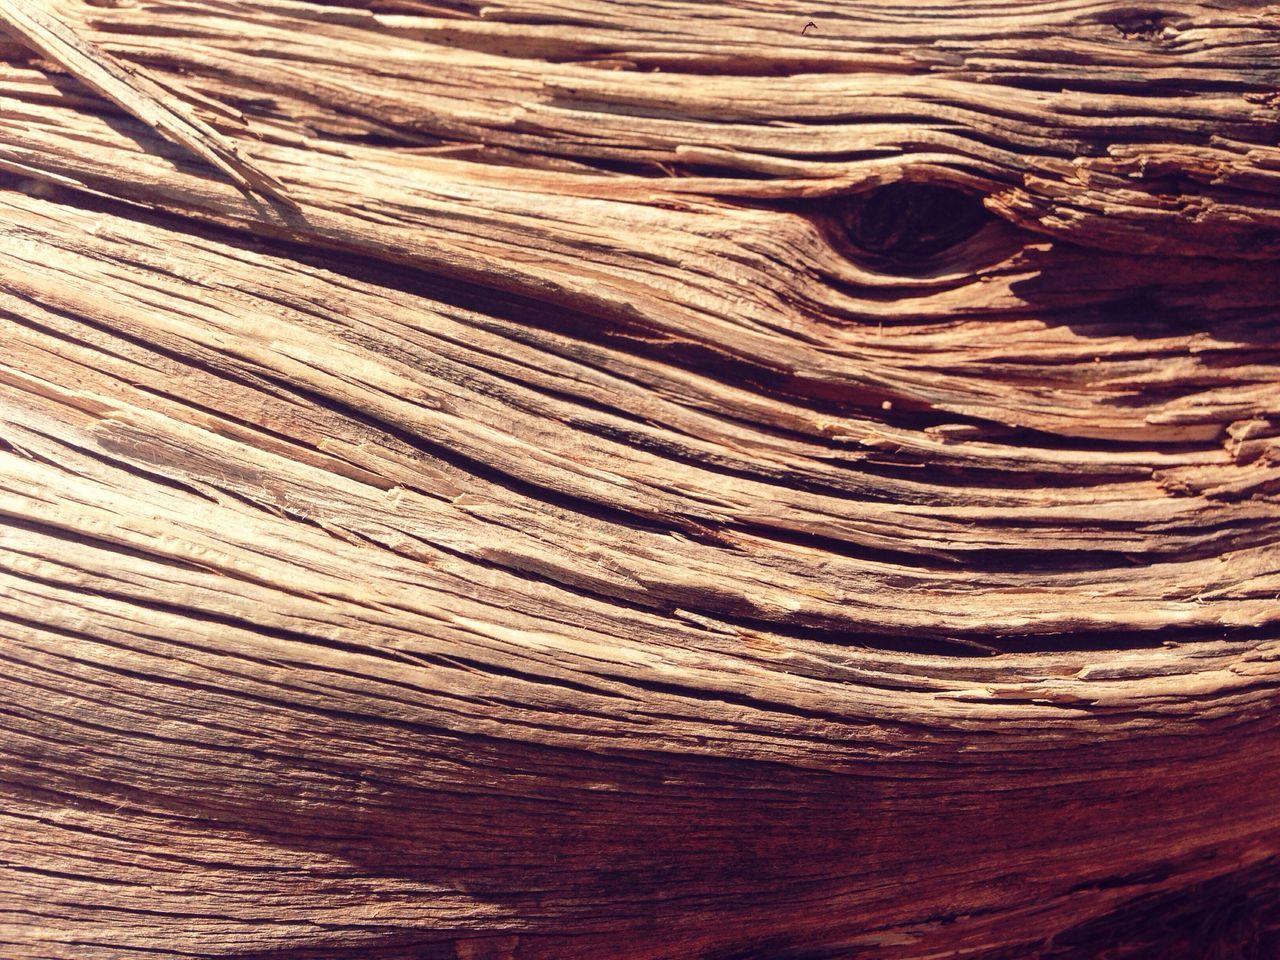 Woodground Wood Eye